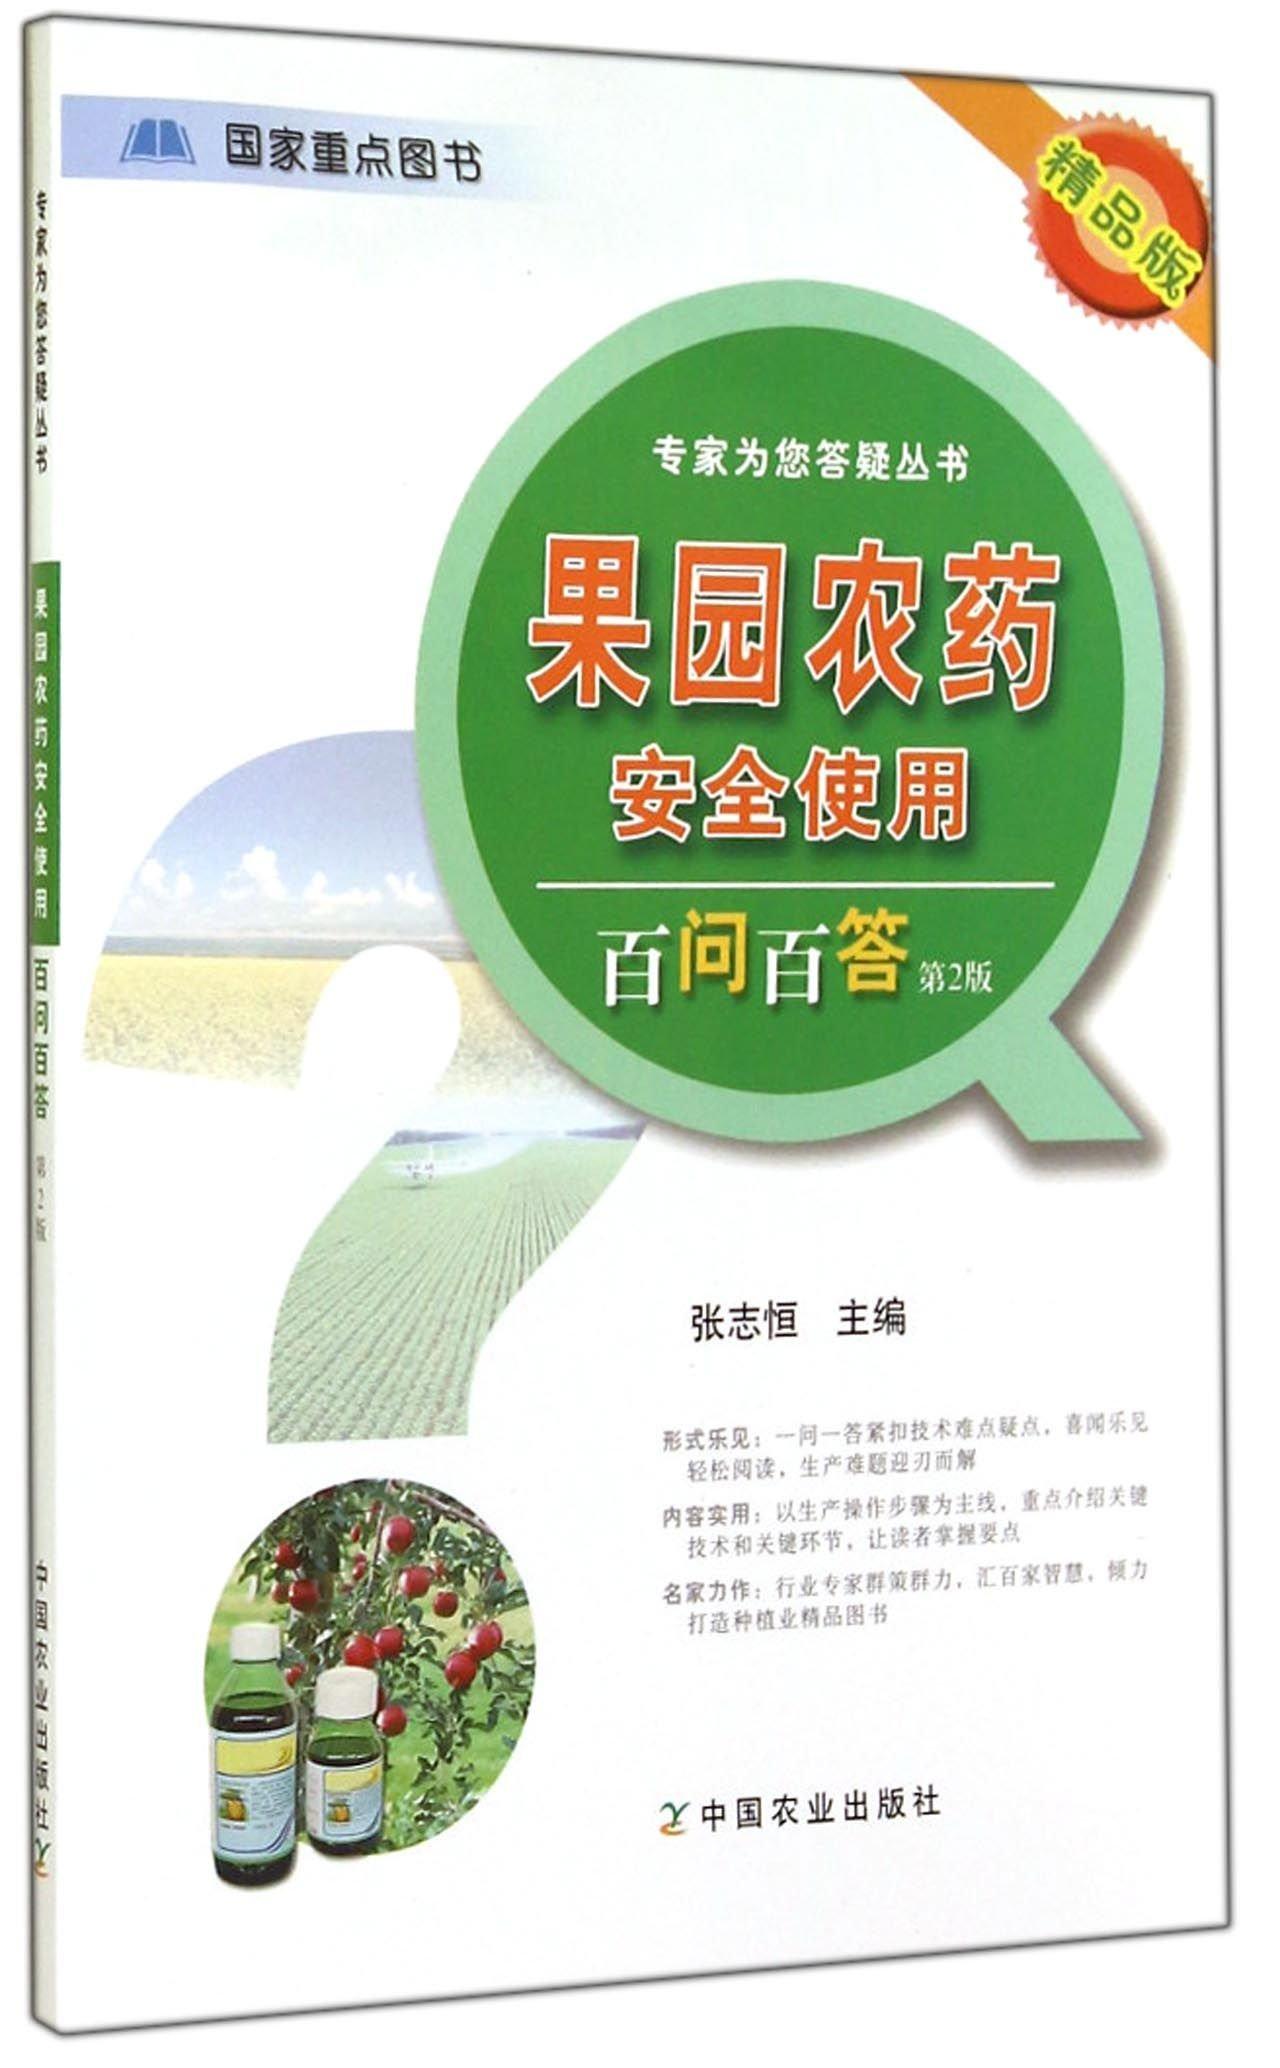 Thuốc trừ sâu  Vườn cây ăn quả an toàn sử dụng thuốc trừ sâu bách đáp (số 2 bản tiệm bán đồ Edition)